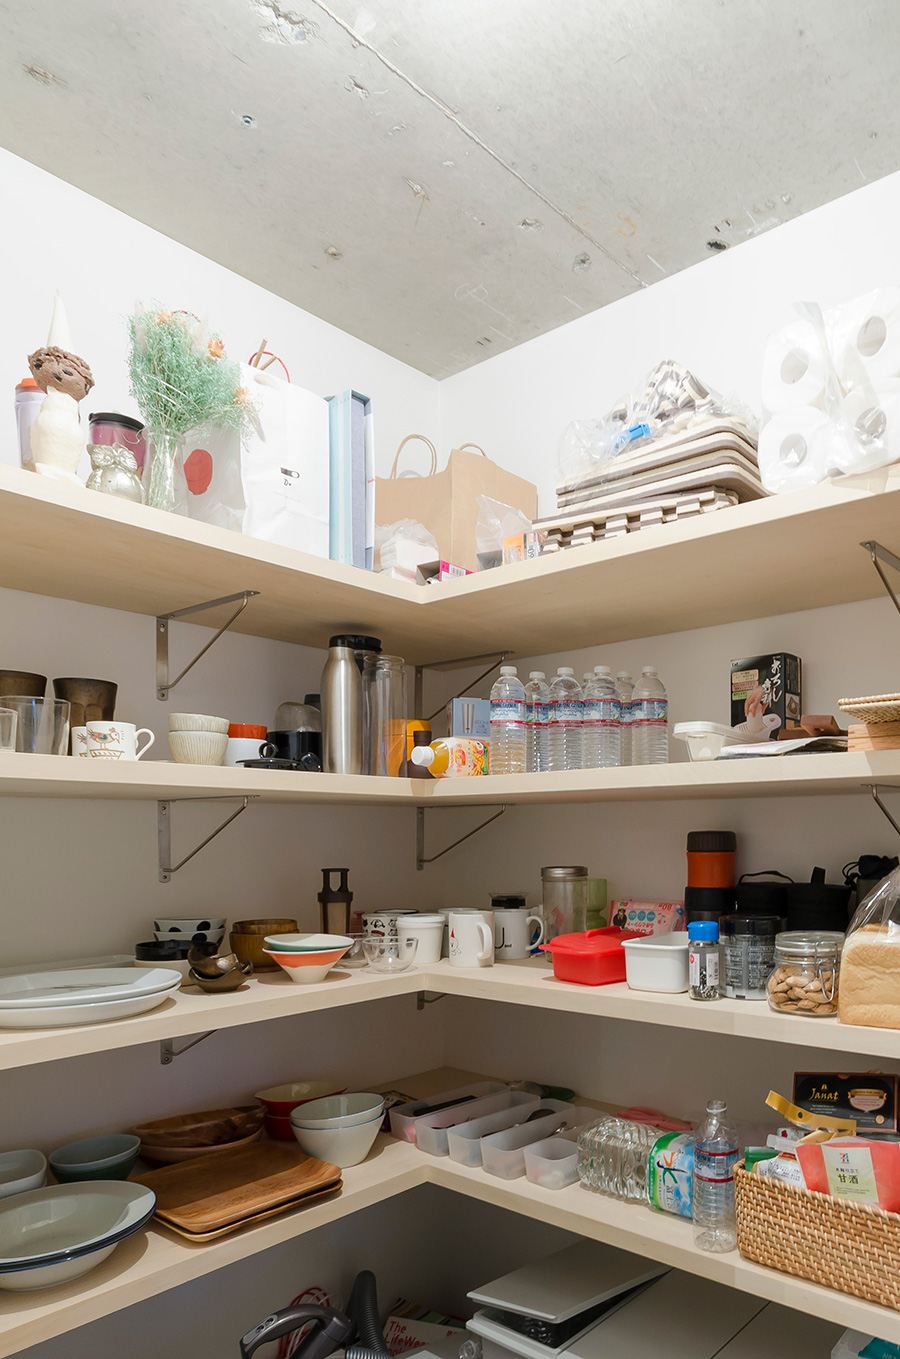 食器や食品を収納するためのパントリー。